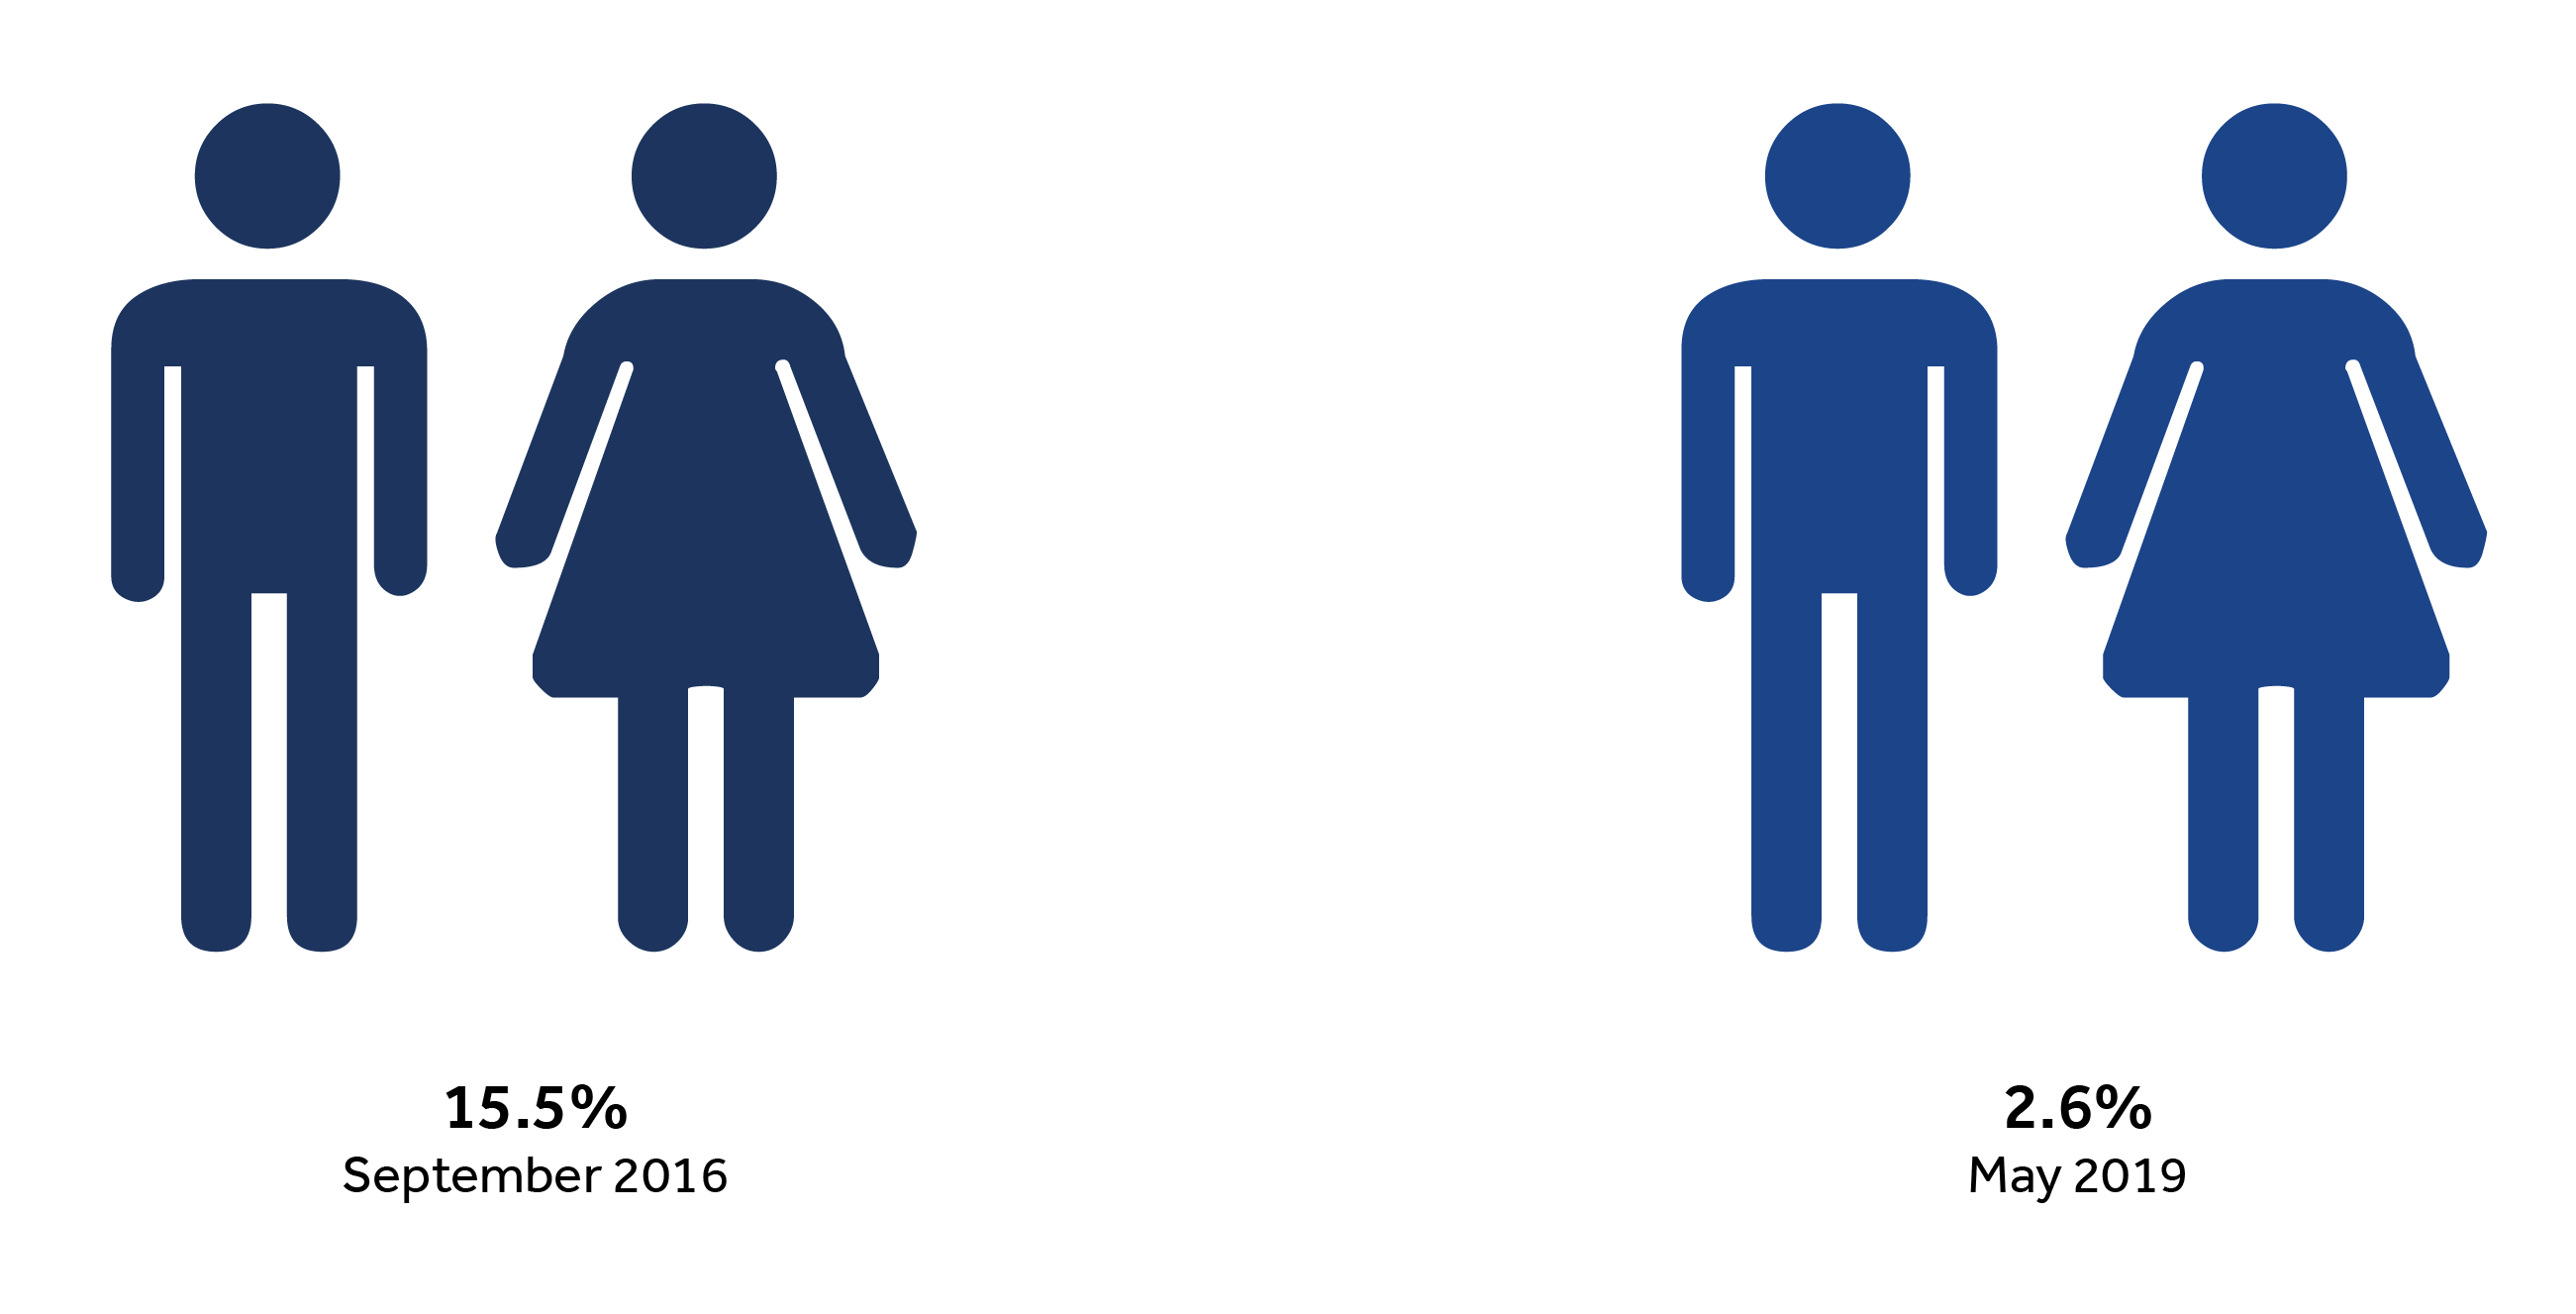 man and woman gender pay gap image 15.5% September 2016,  2.6% May 2019